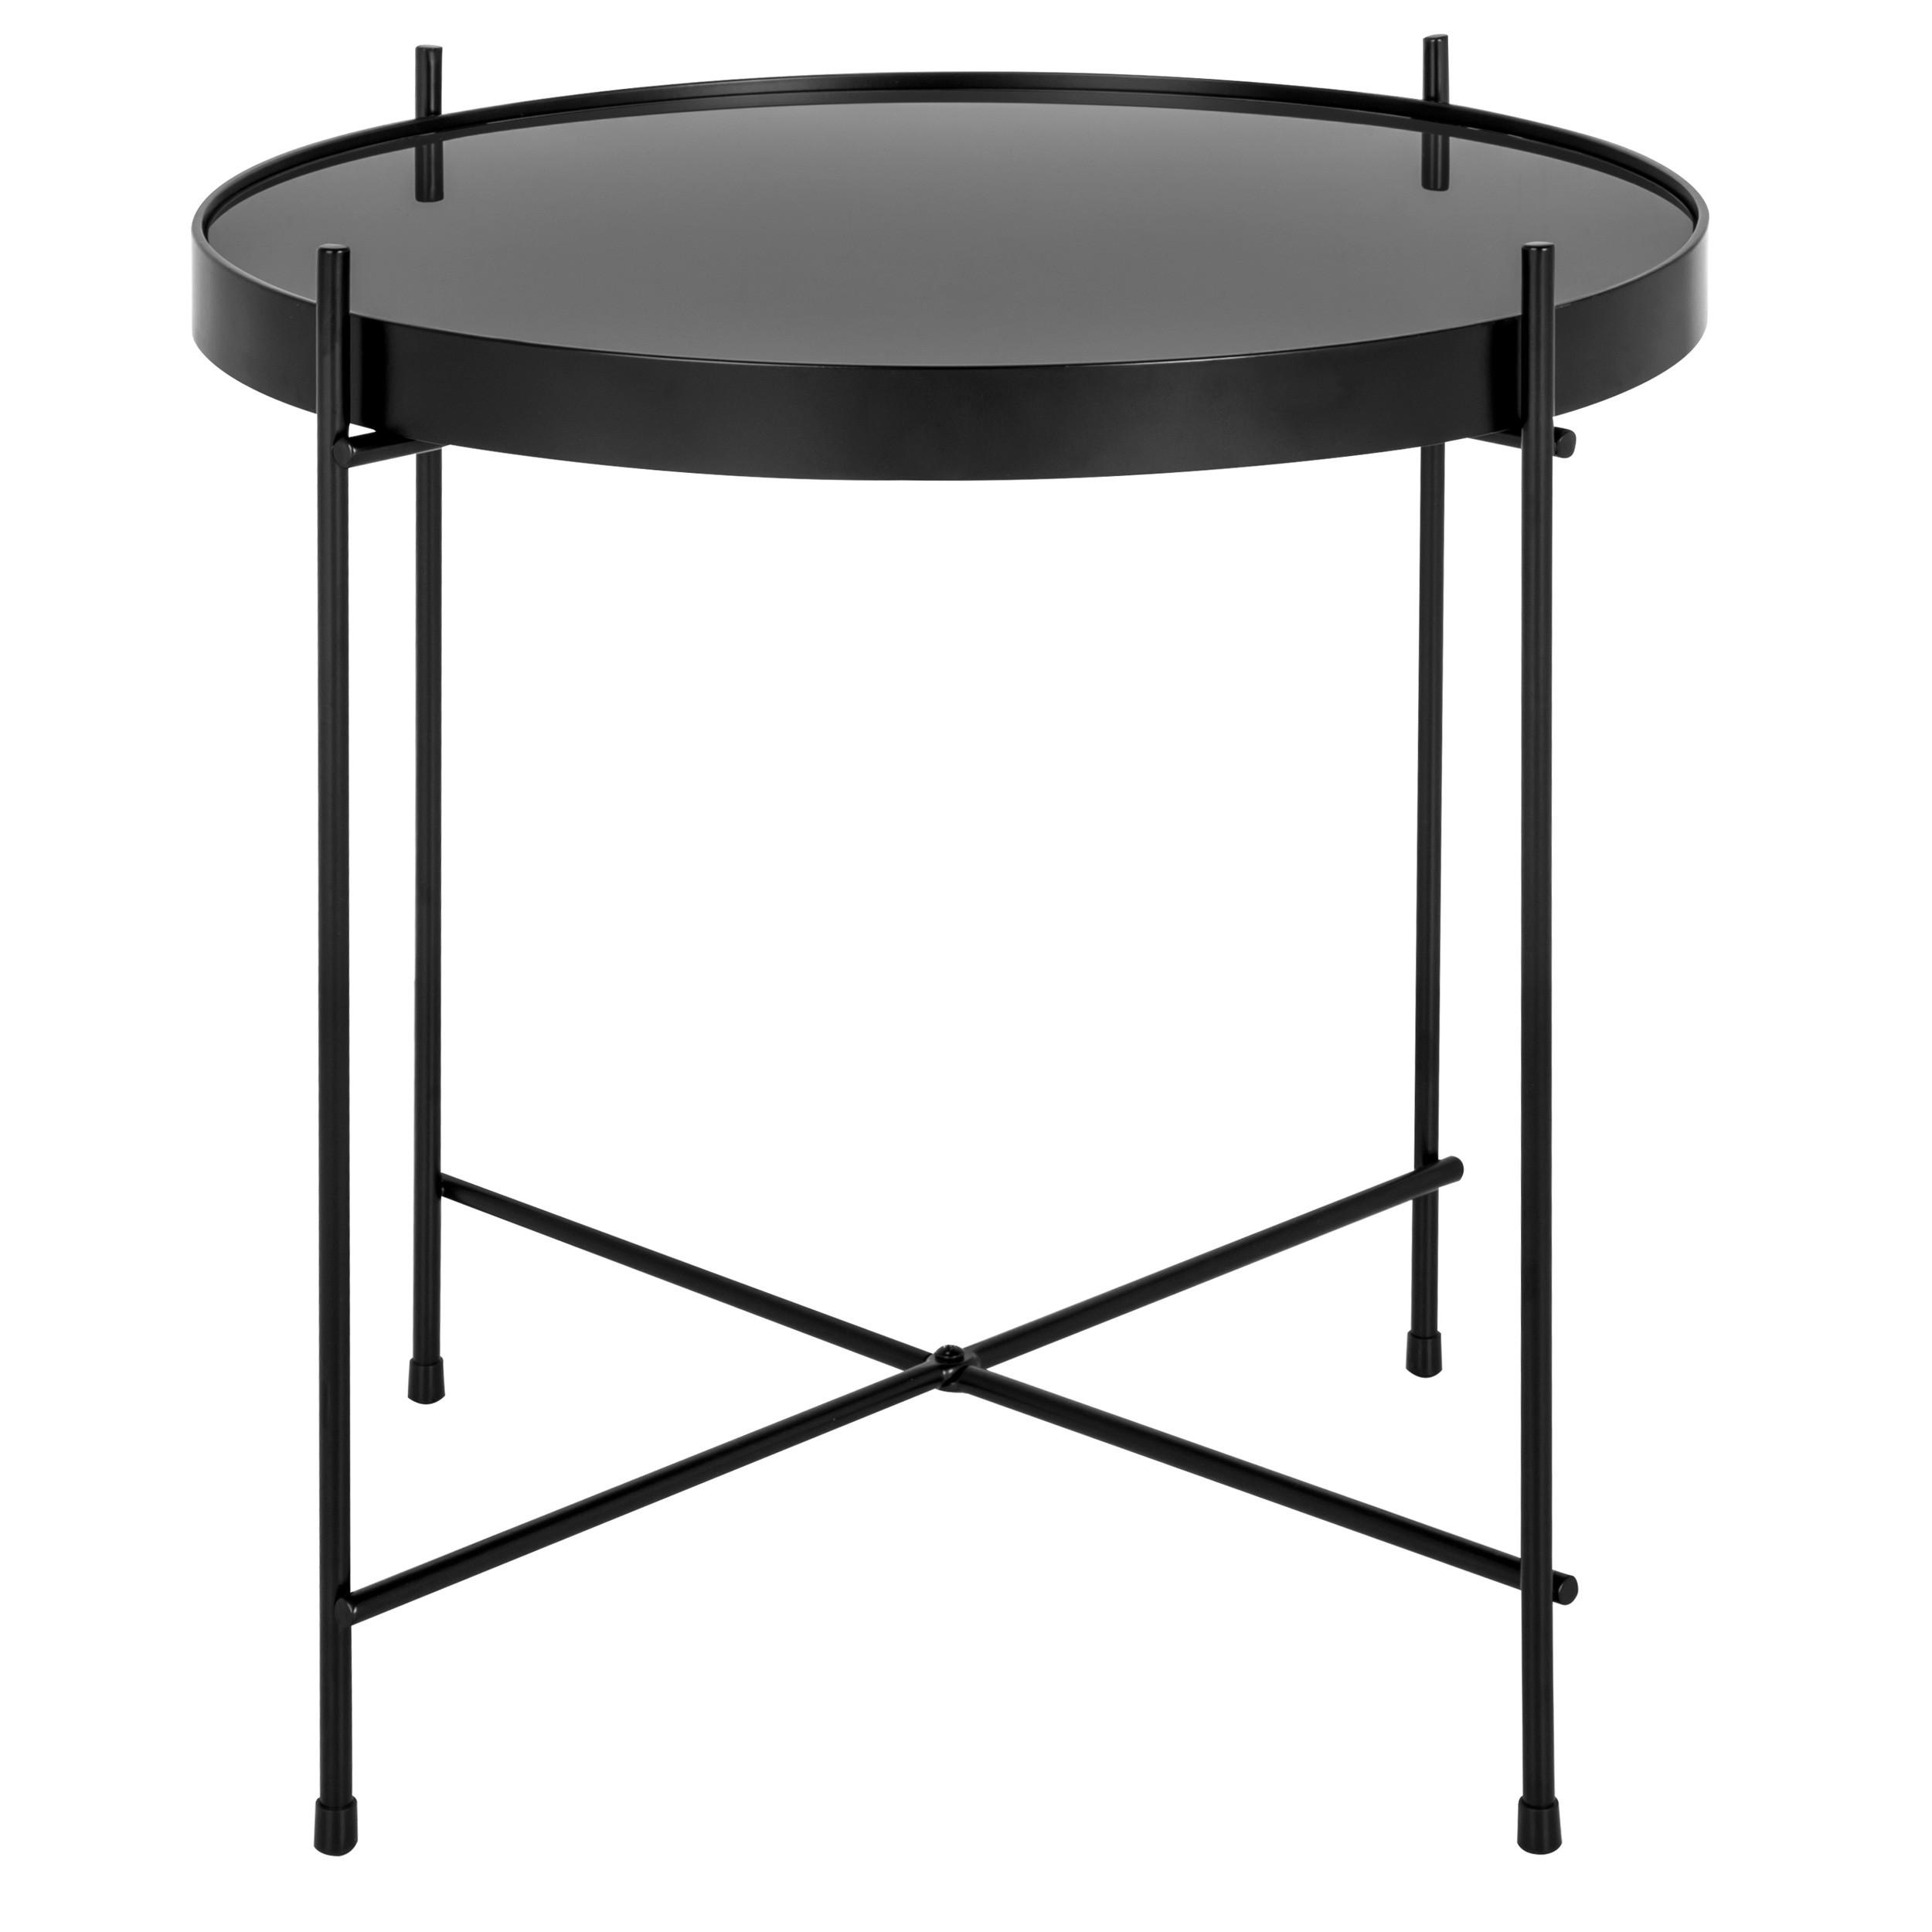 acheter table basse ronde noire dernires pices disponibles previous